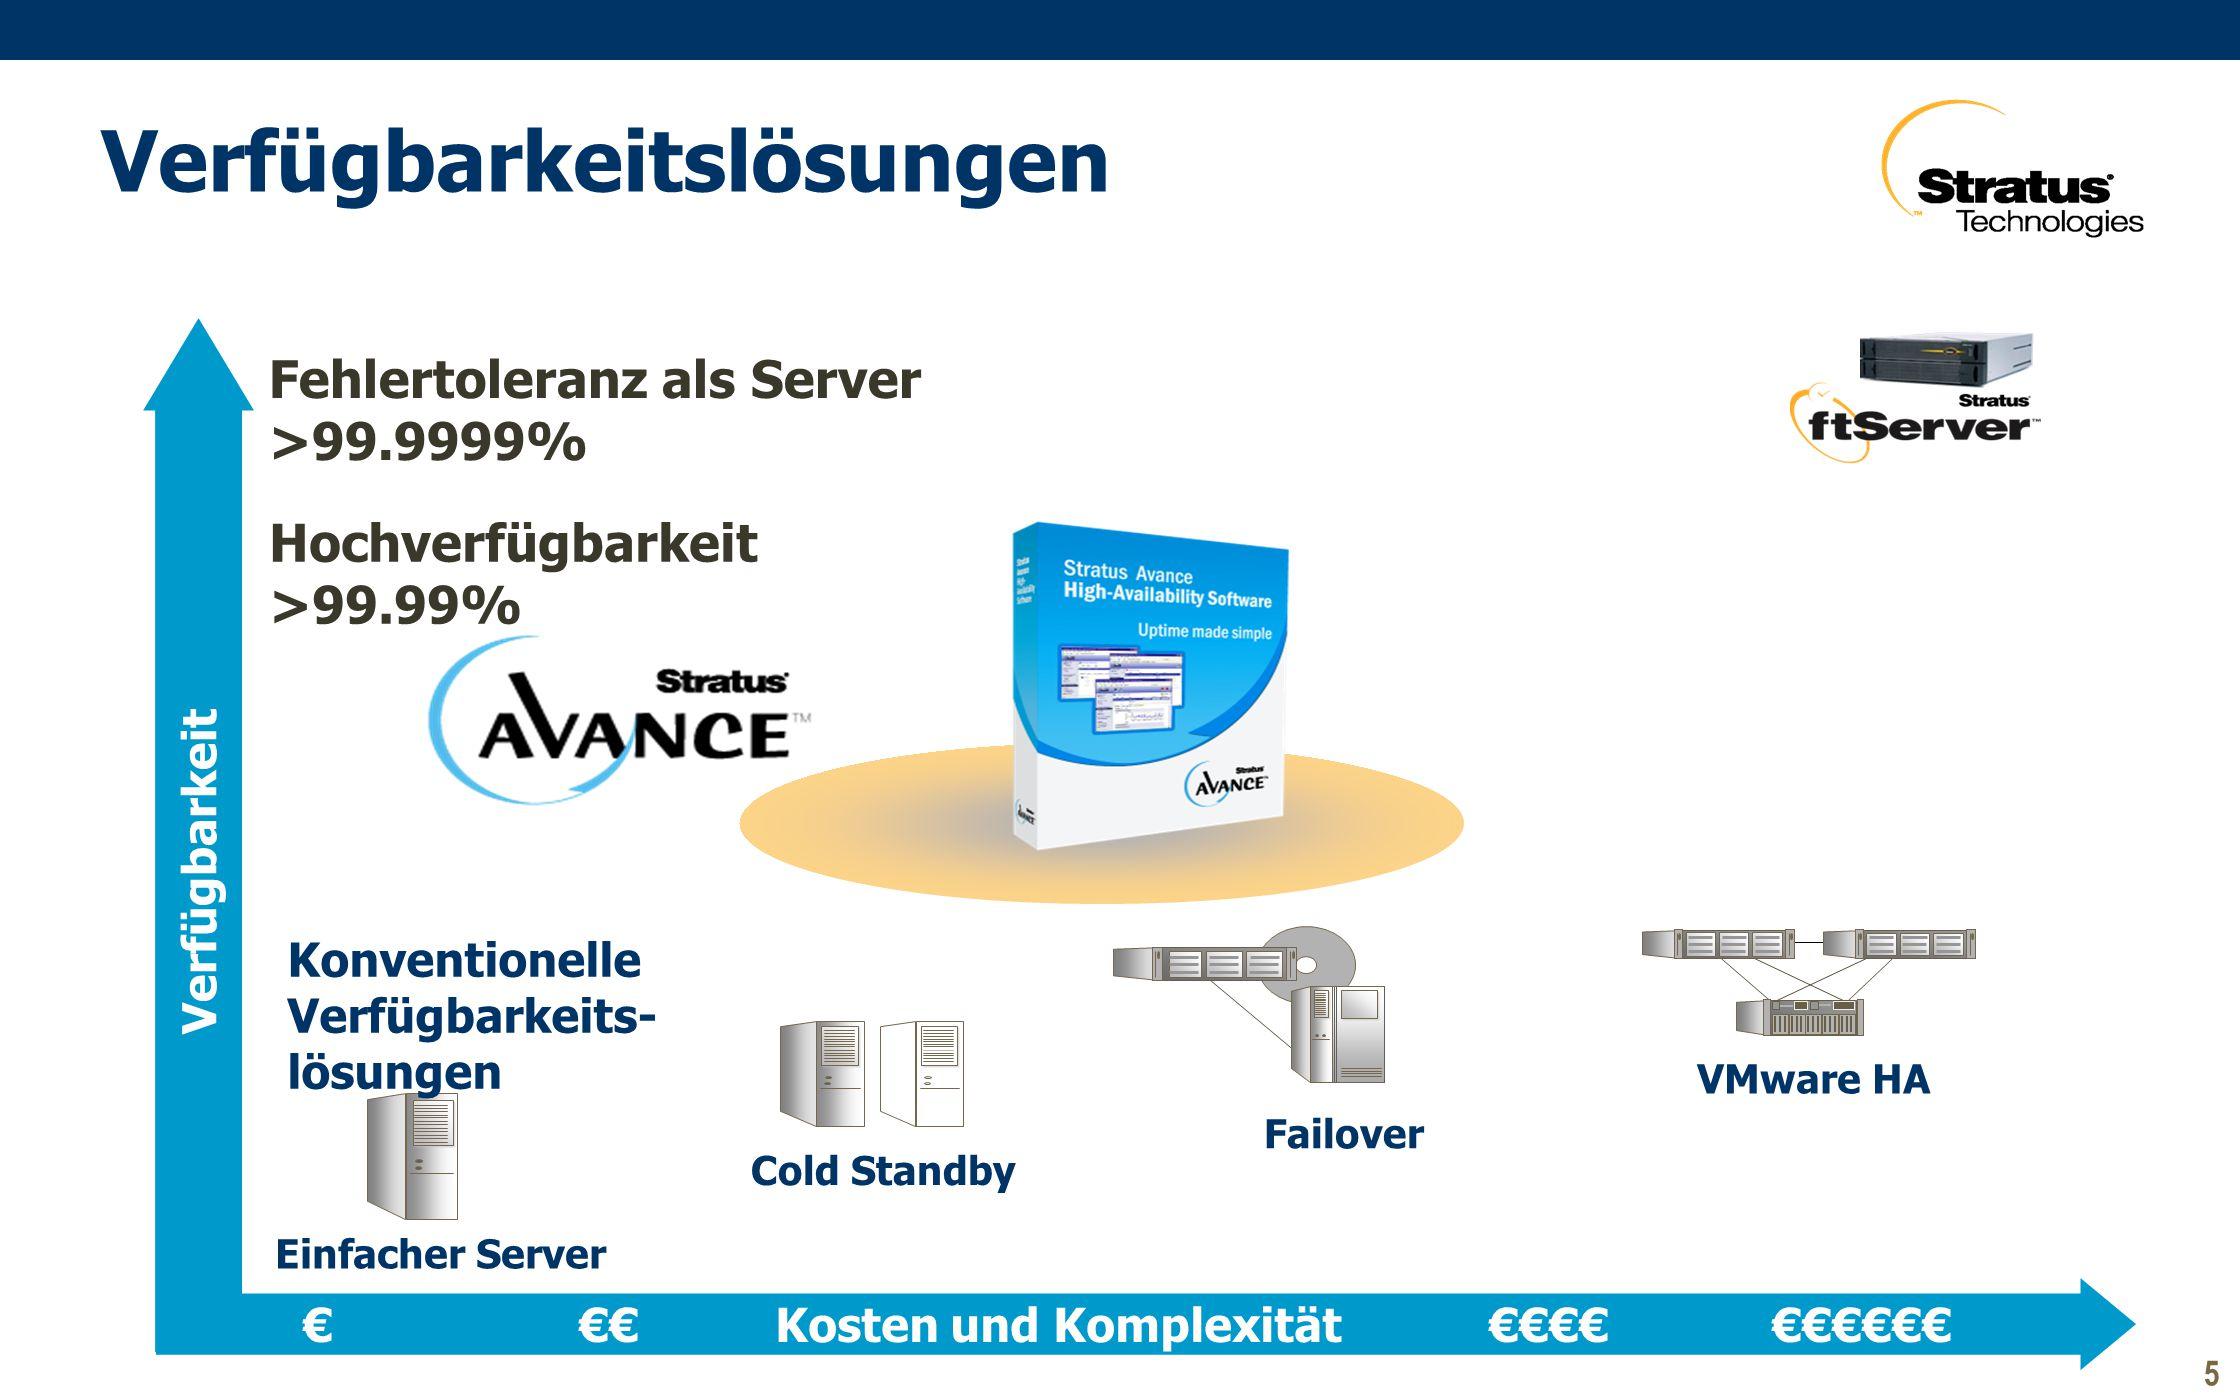 Verfügbarkeitslösungen Einfacher Server Failover Cold Standby VMware HA Konventionelle Verfügbarkeits- lösungen Fehlertoleranz als Server >99.9999% Hochverfügbarkeit >99.99% Verfügbarkeit € €€ Kosten und Komplexität €€€€ €€€€€€ 5